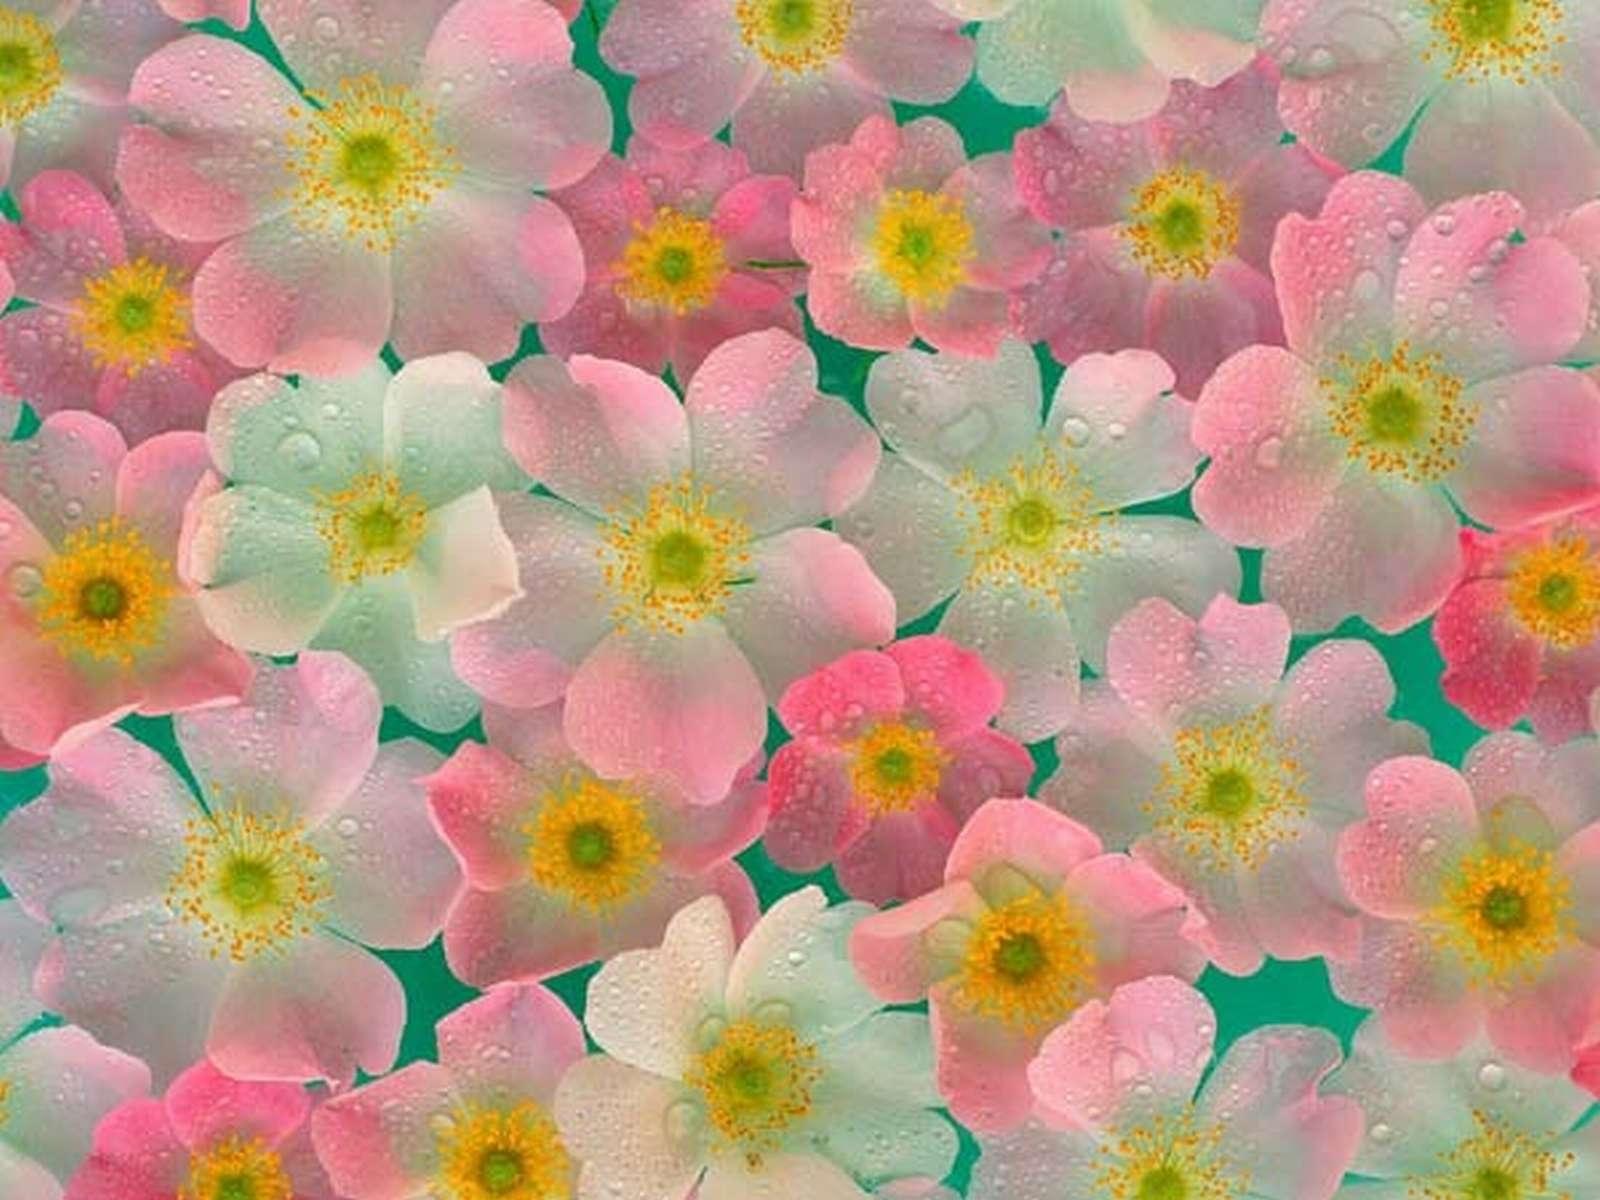 9466 descargar fondo de pantalla Flores, Imágenes: protectores de pantalla e imágenes gratis